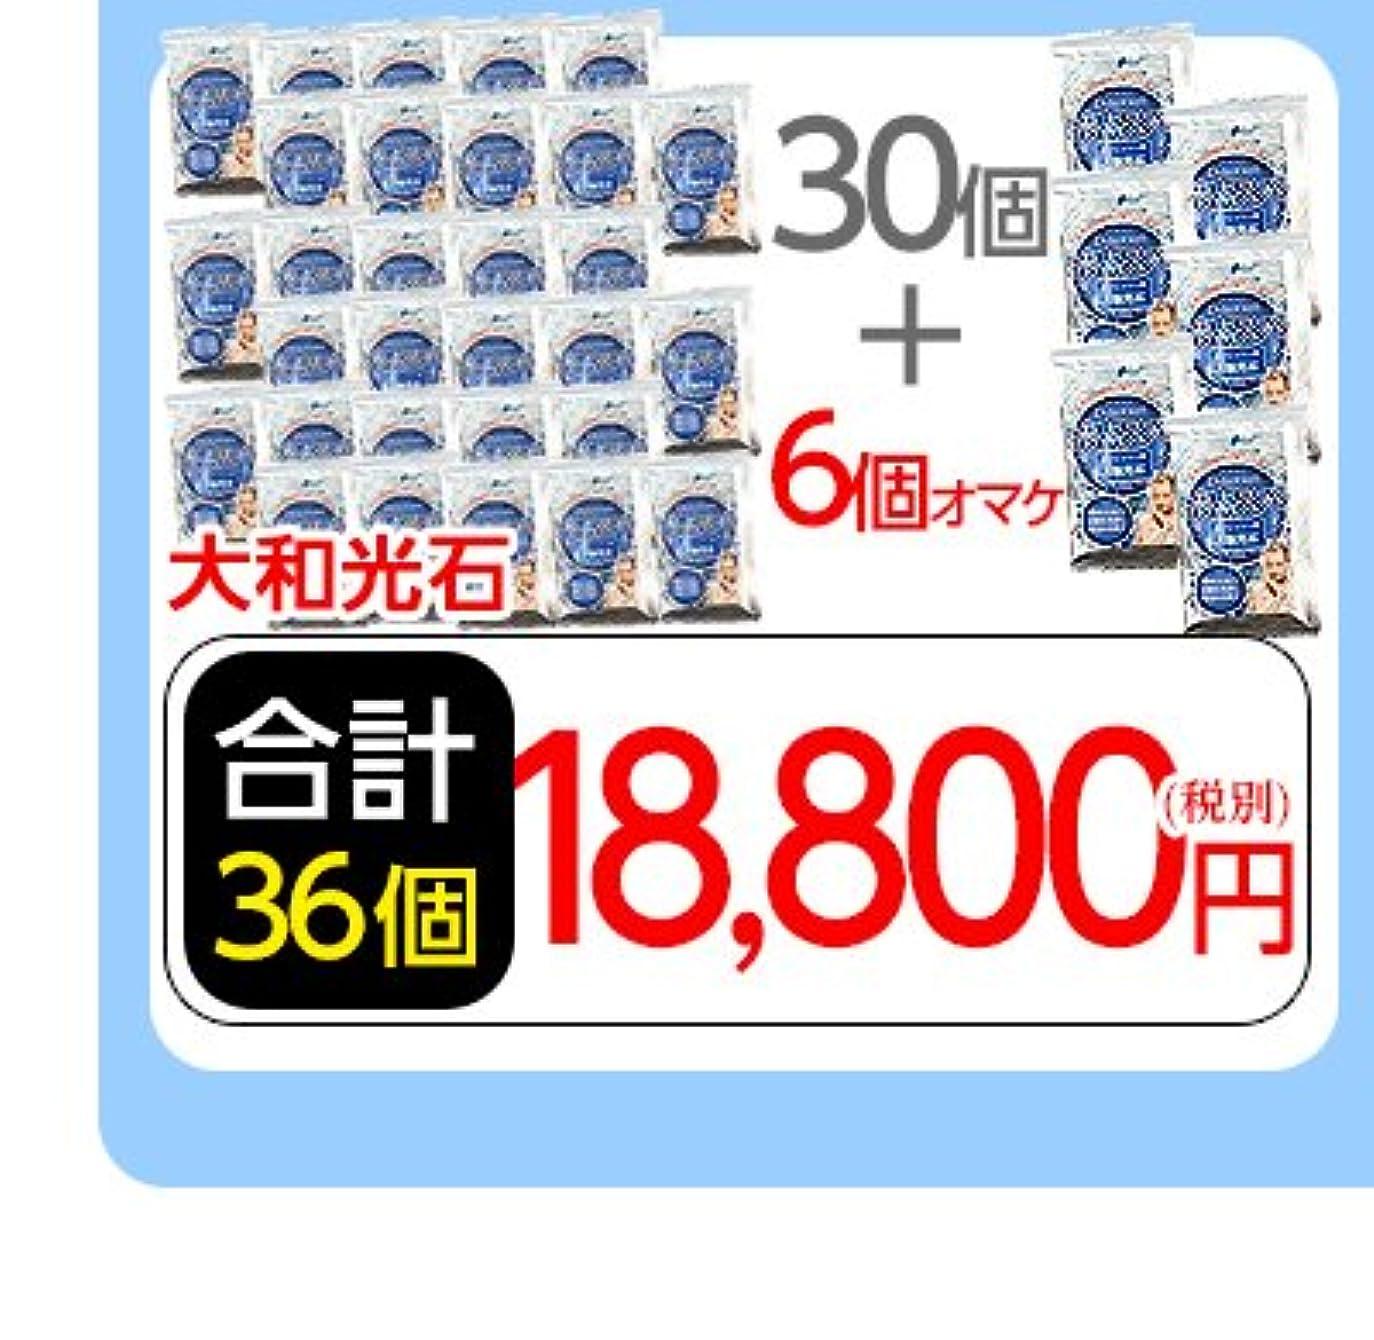 現像官僚帝国主義デトキシャン水素スパ☆大和光石30個+6個オマケ